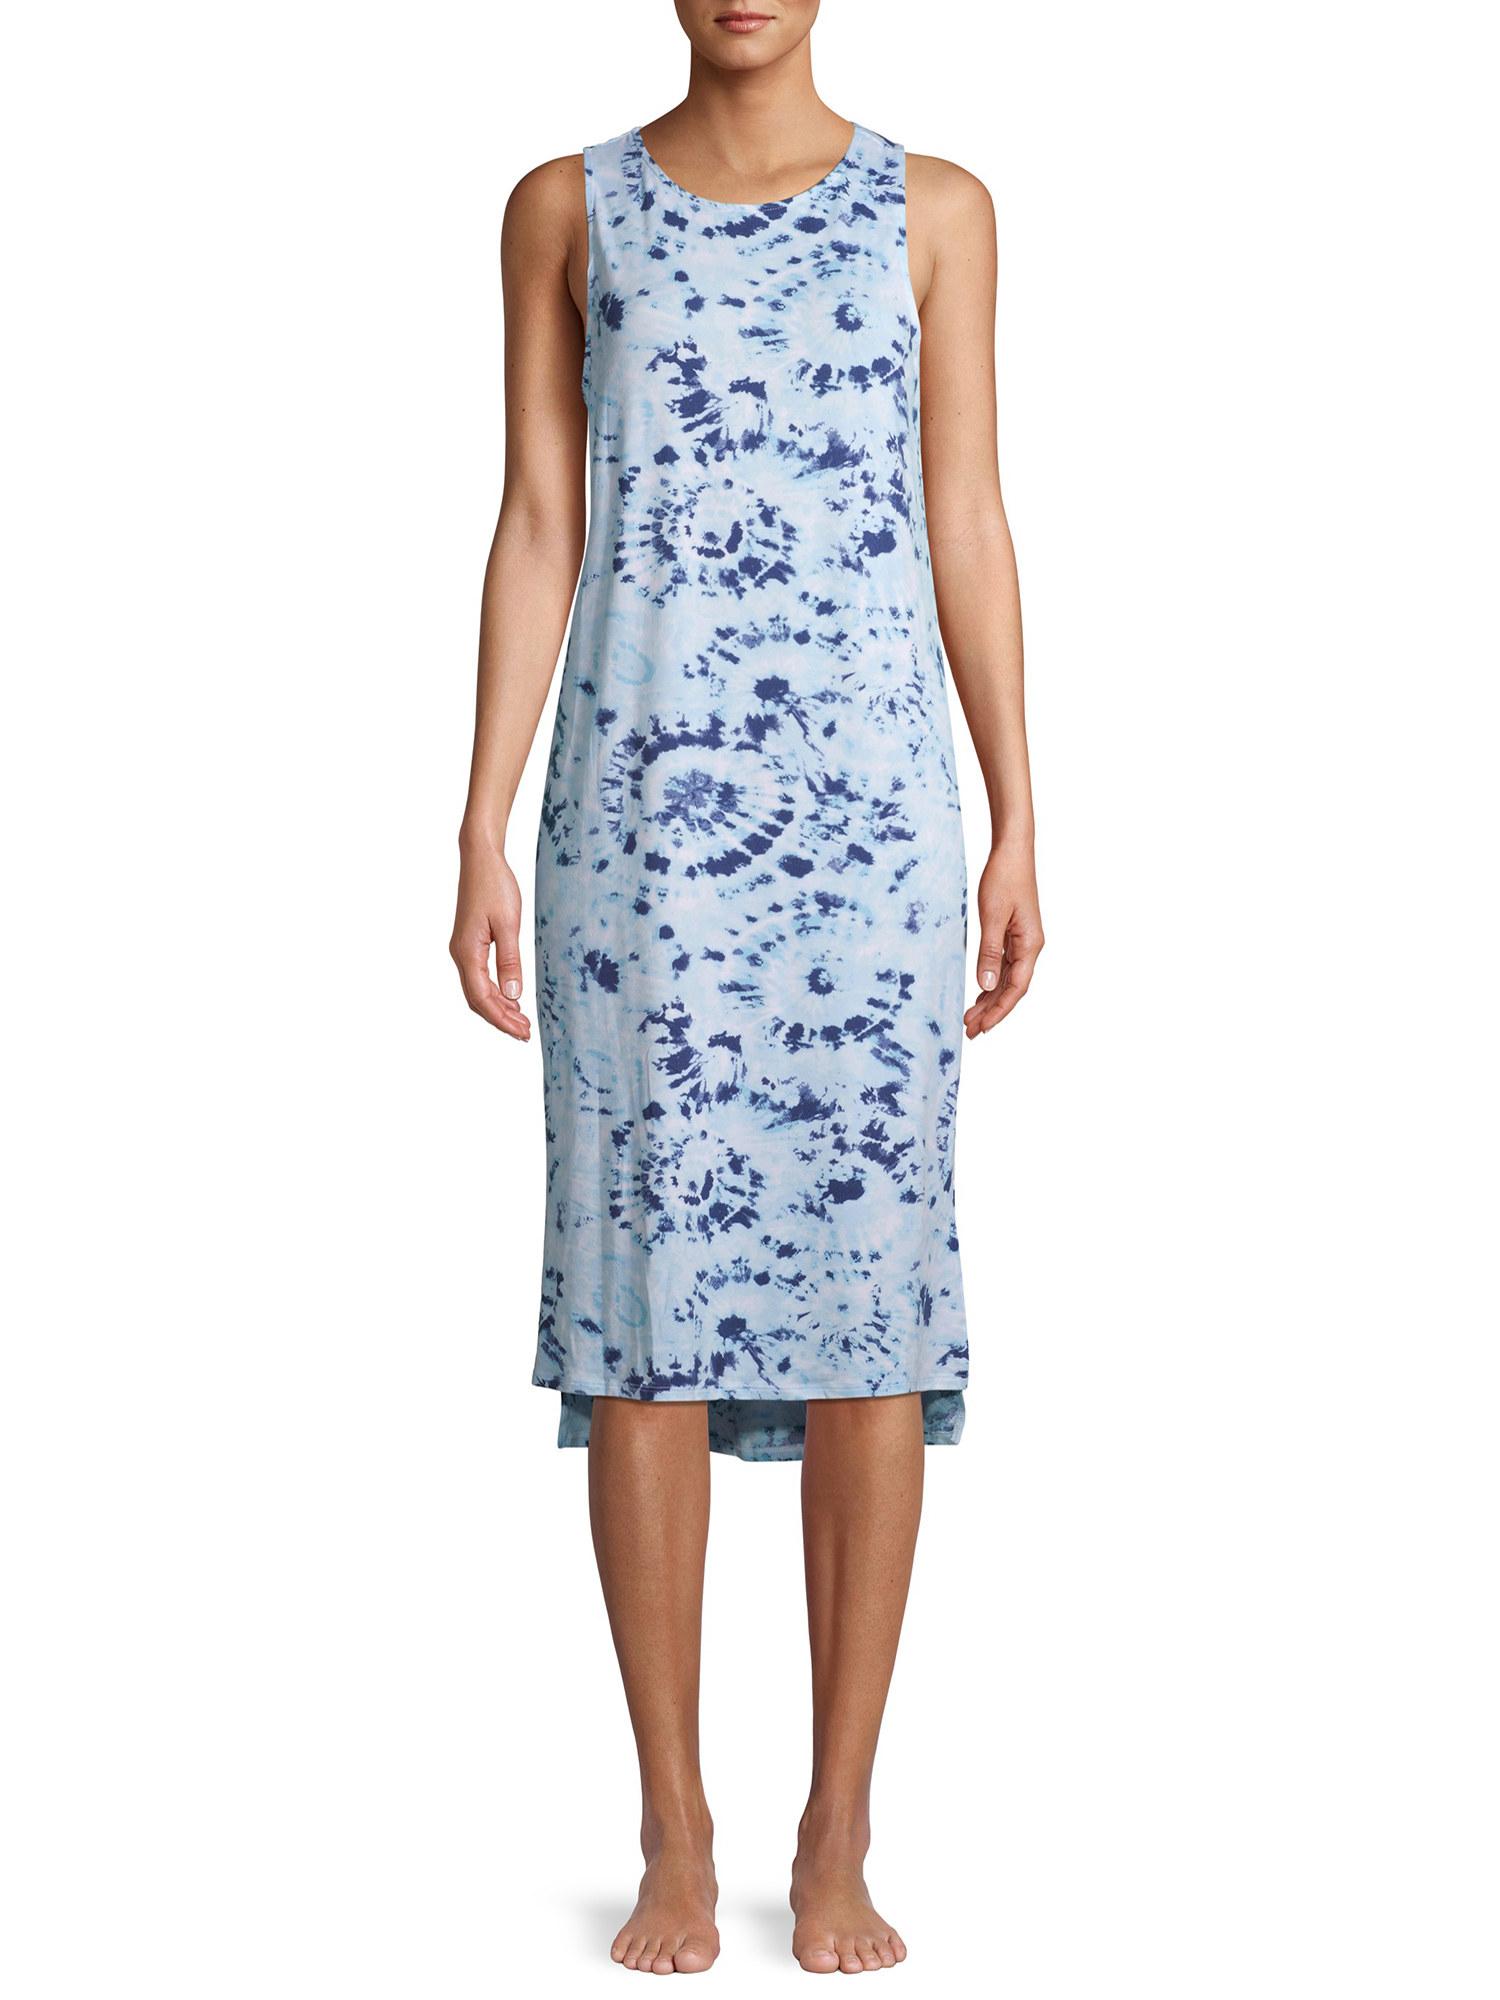 A model in a tie-dye nightgown